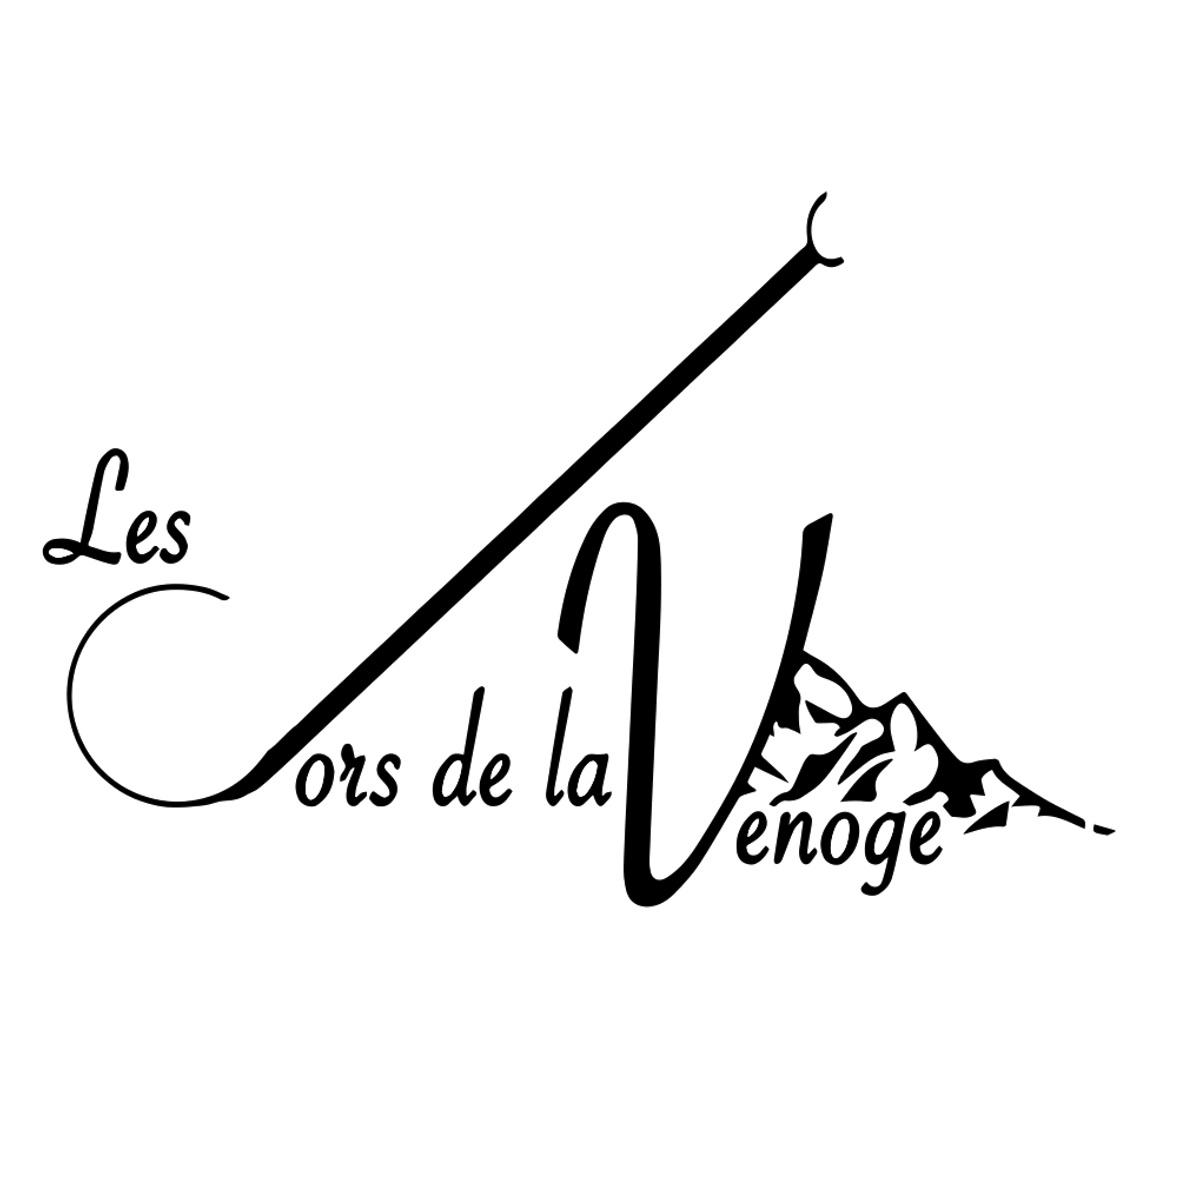 CorsVenoge-Logo4